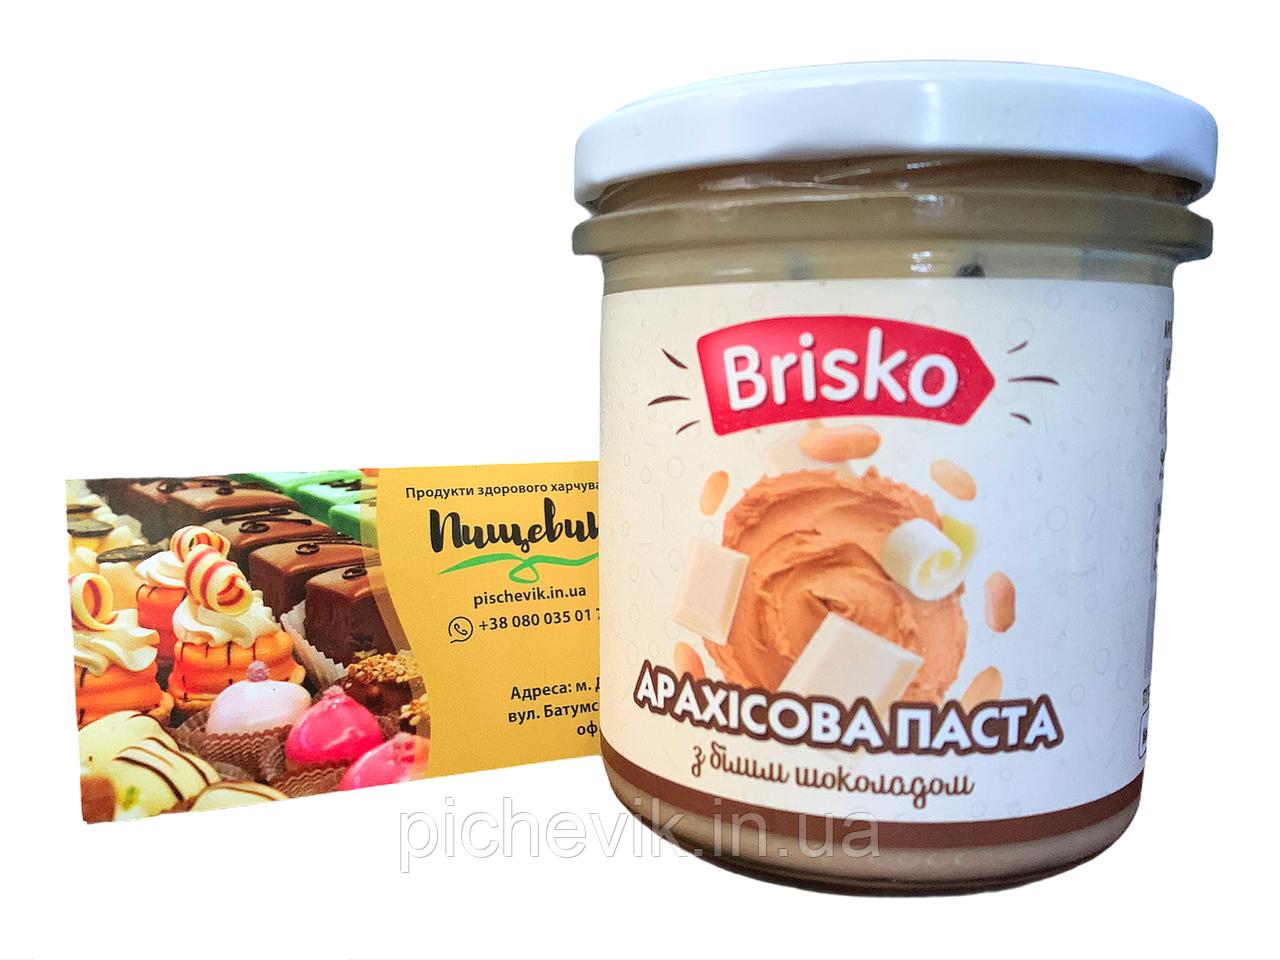 Арахисовая паста с белым шоколадом ТМ Brisko (Украина) Вес:1 кг